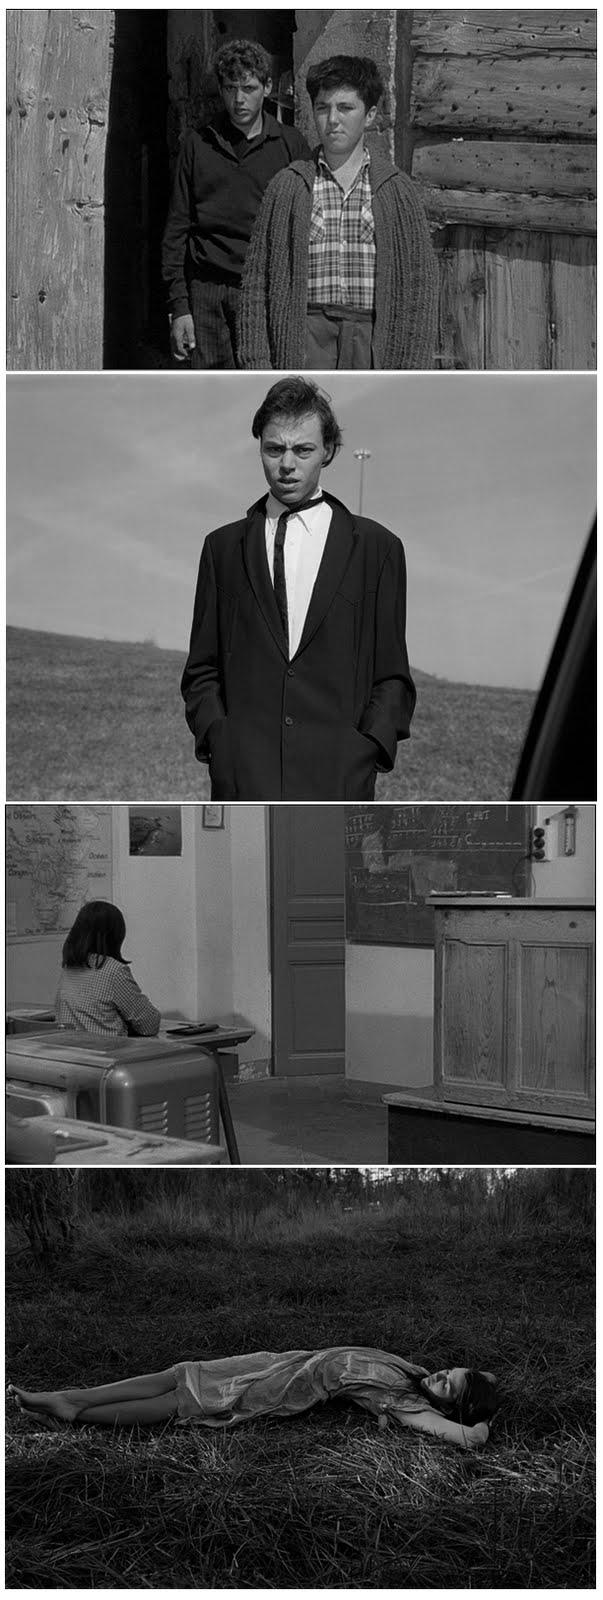 Robert Bresson - Mouchette (1967)